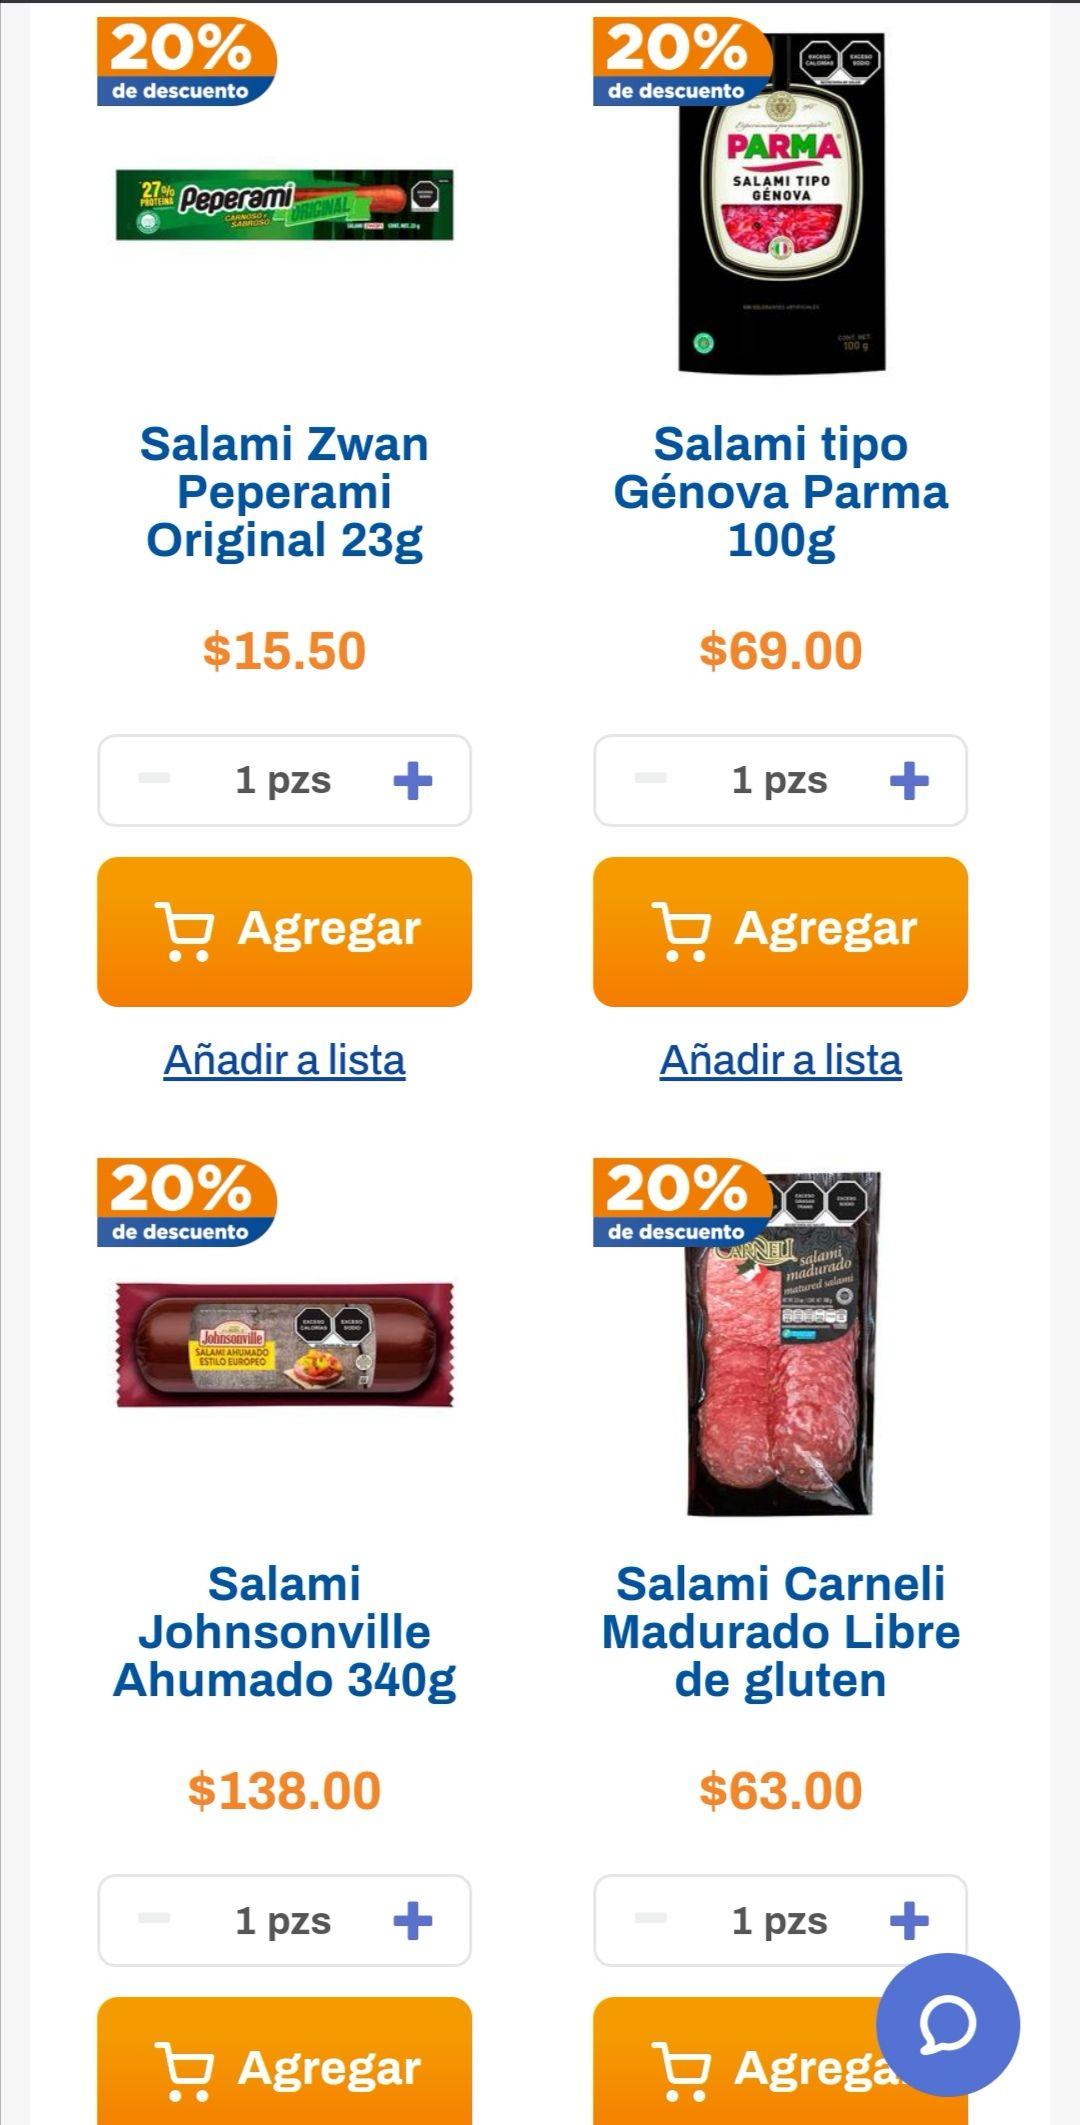 Chedraui: 20% de descuento en salamis empacados y snacks seleccionados del departamento de salchichonería